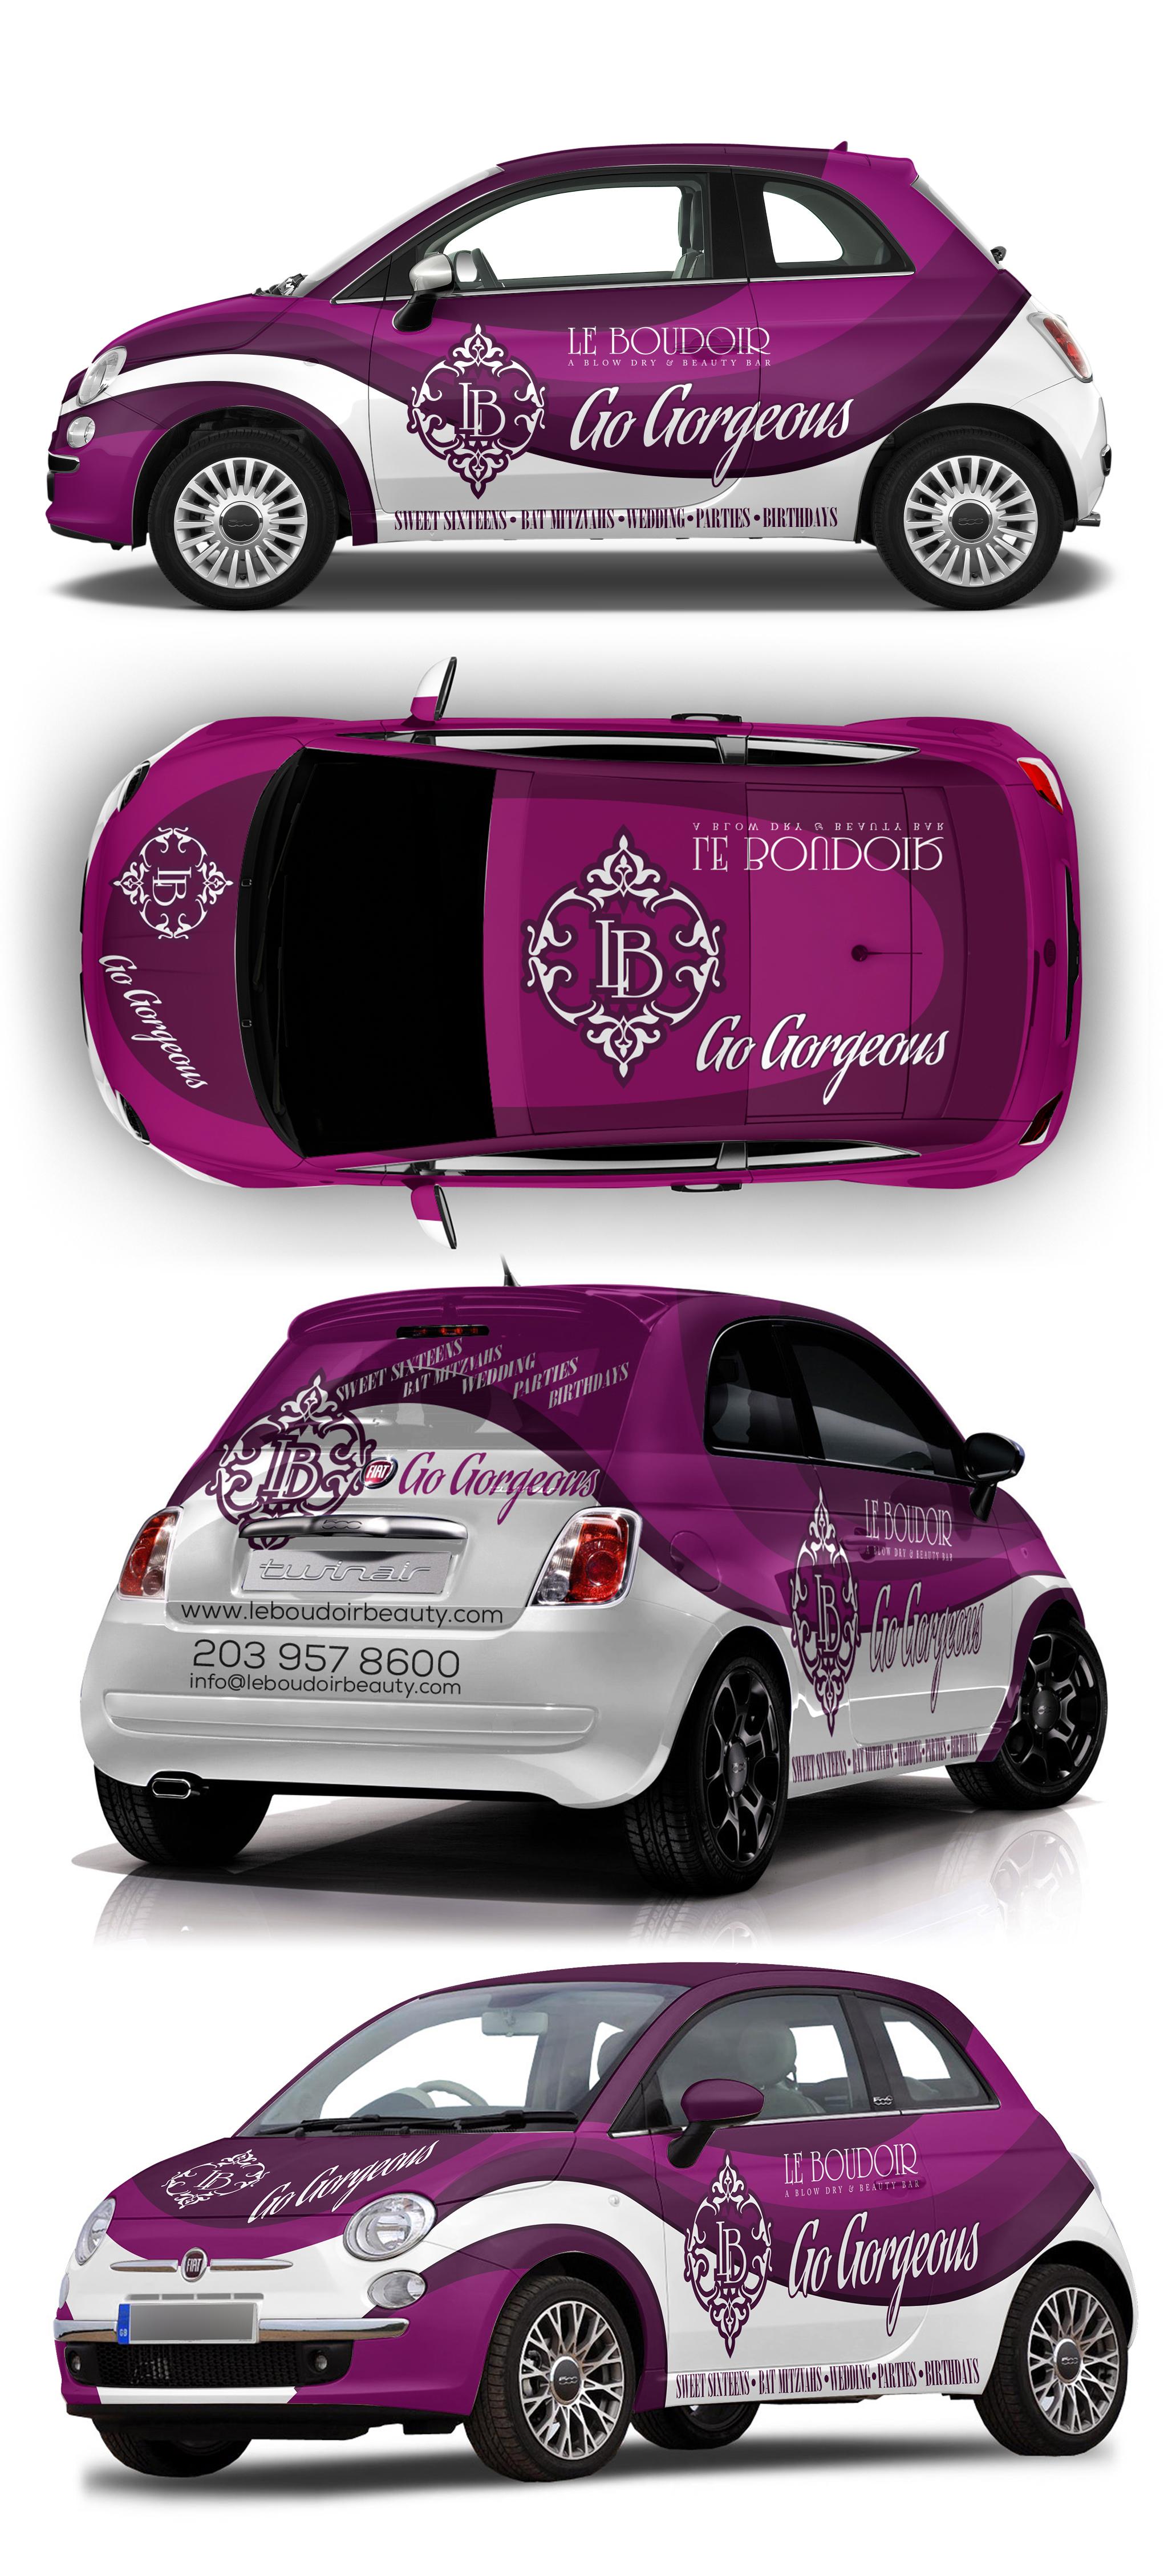 Luxurious car wrap for mobile beauty services Plotagem